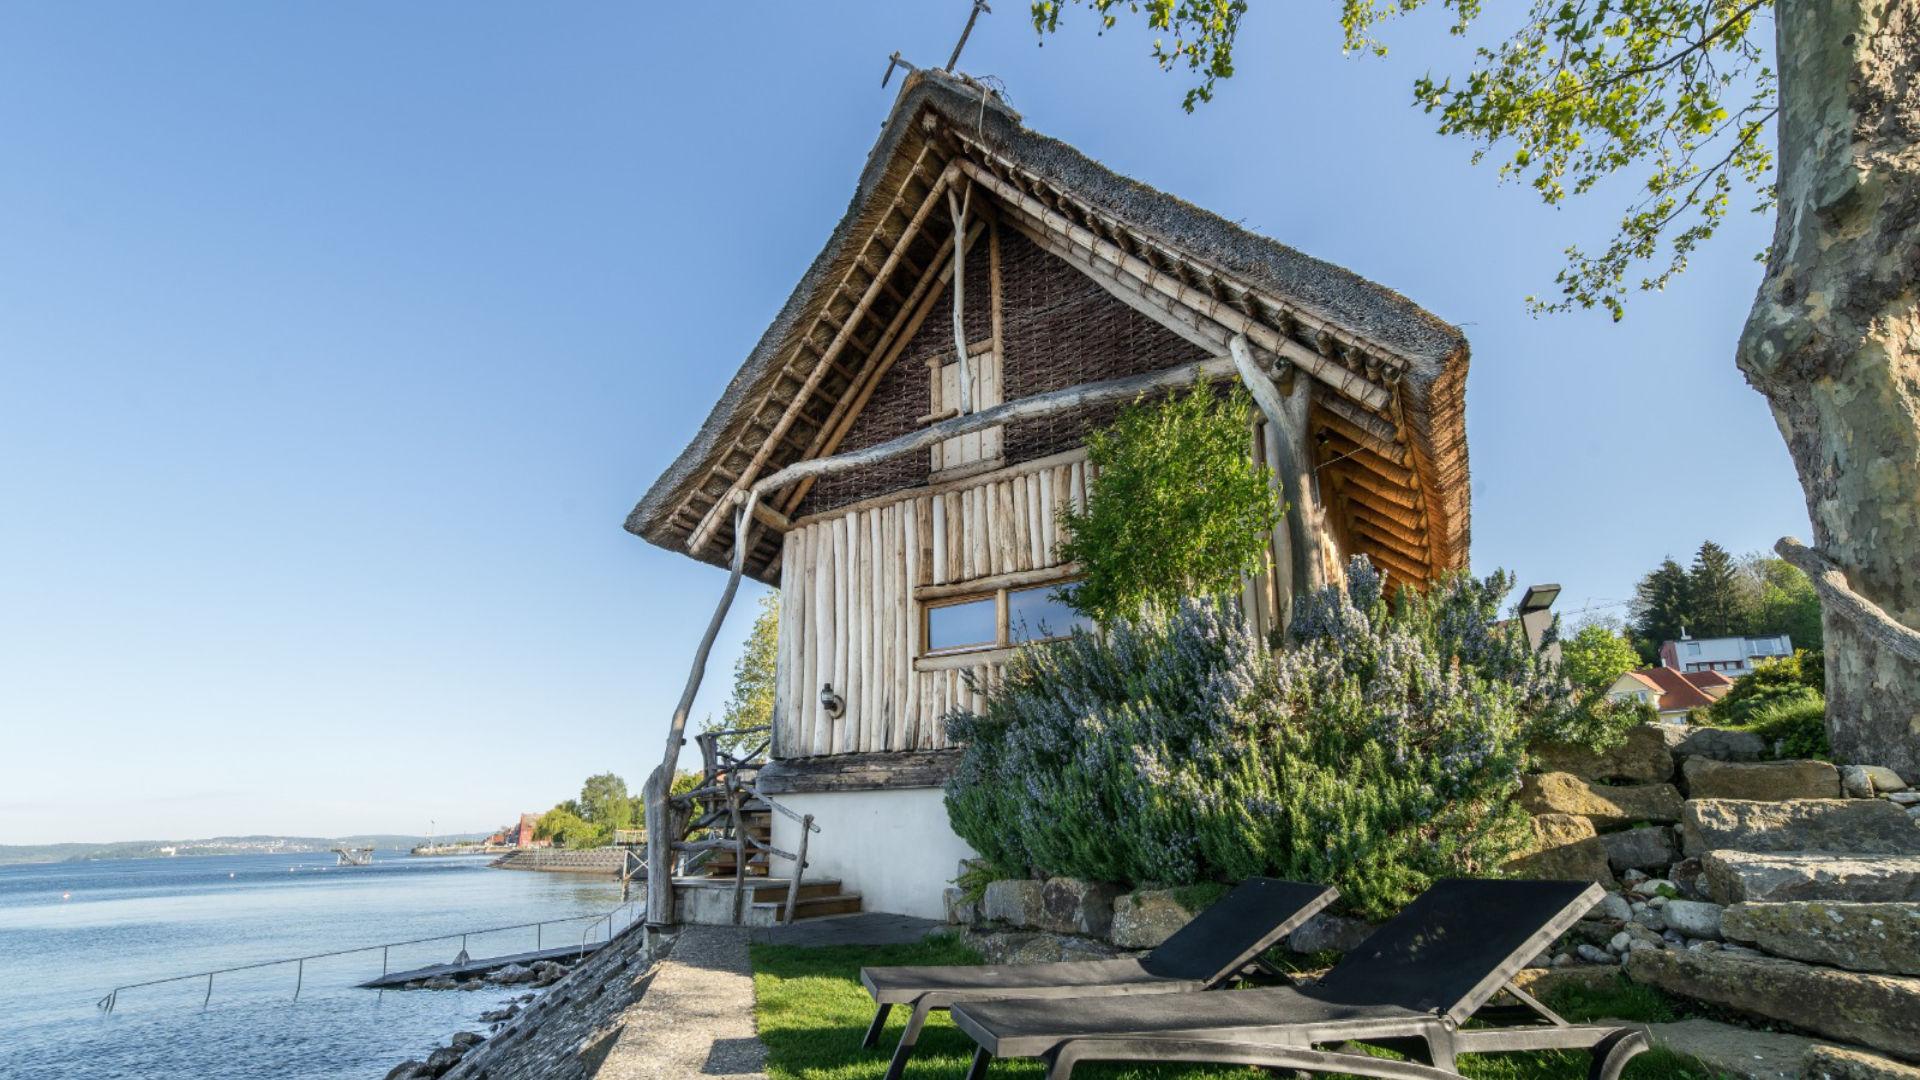 Therme Meersburg Bodensee Außenbereich Liegeplätze und Sauna direkt am Seeufer